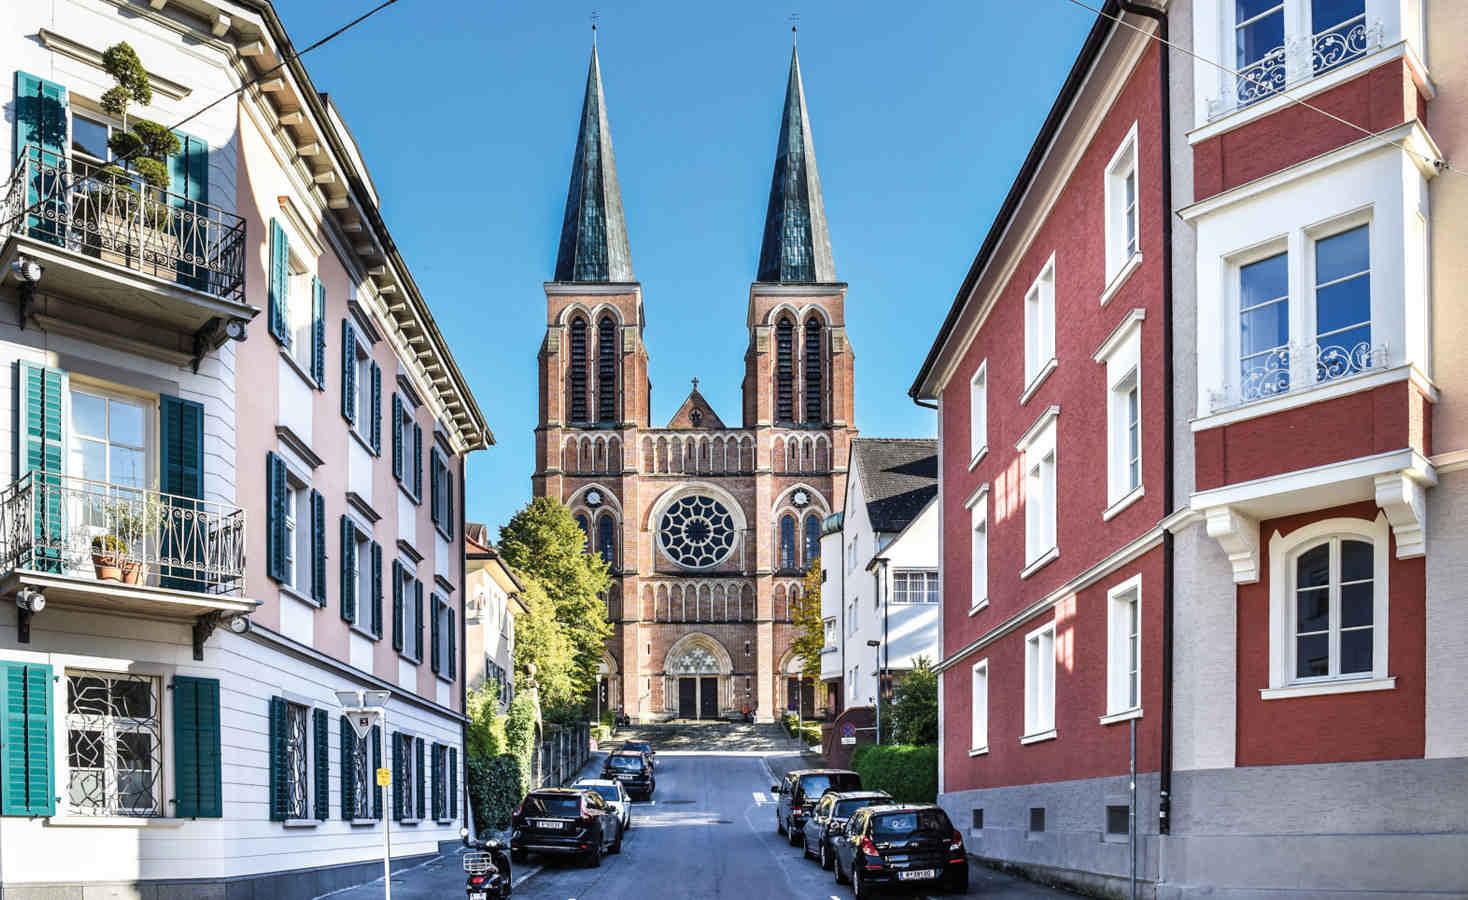 Pfarrkirche Herz Jesu Bregenz